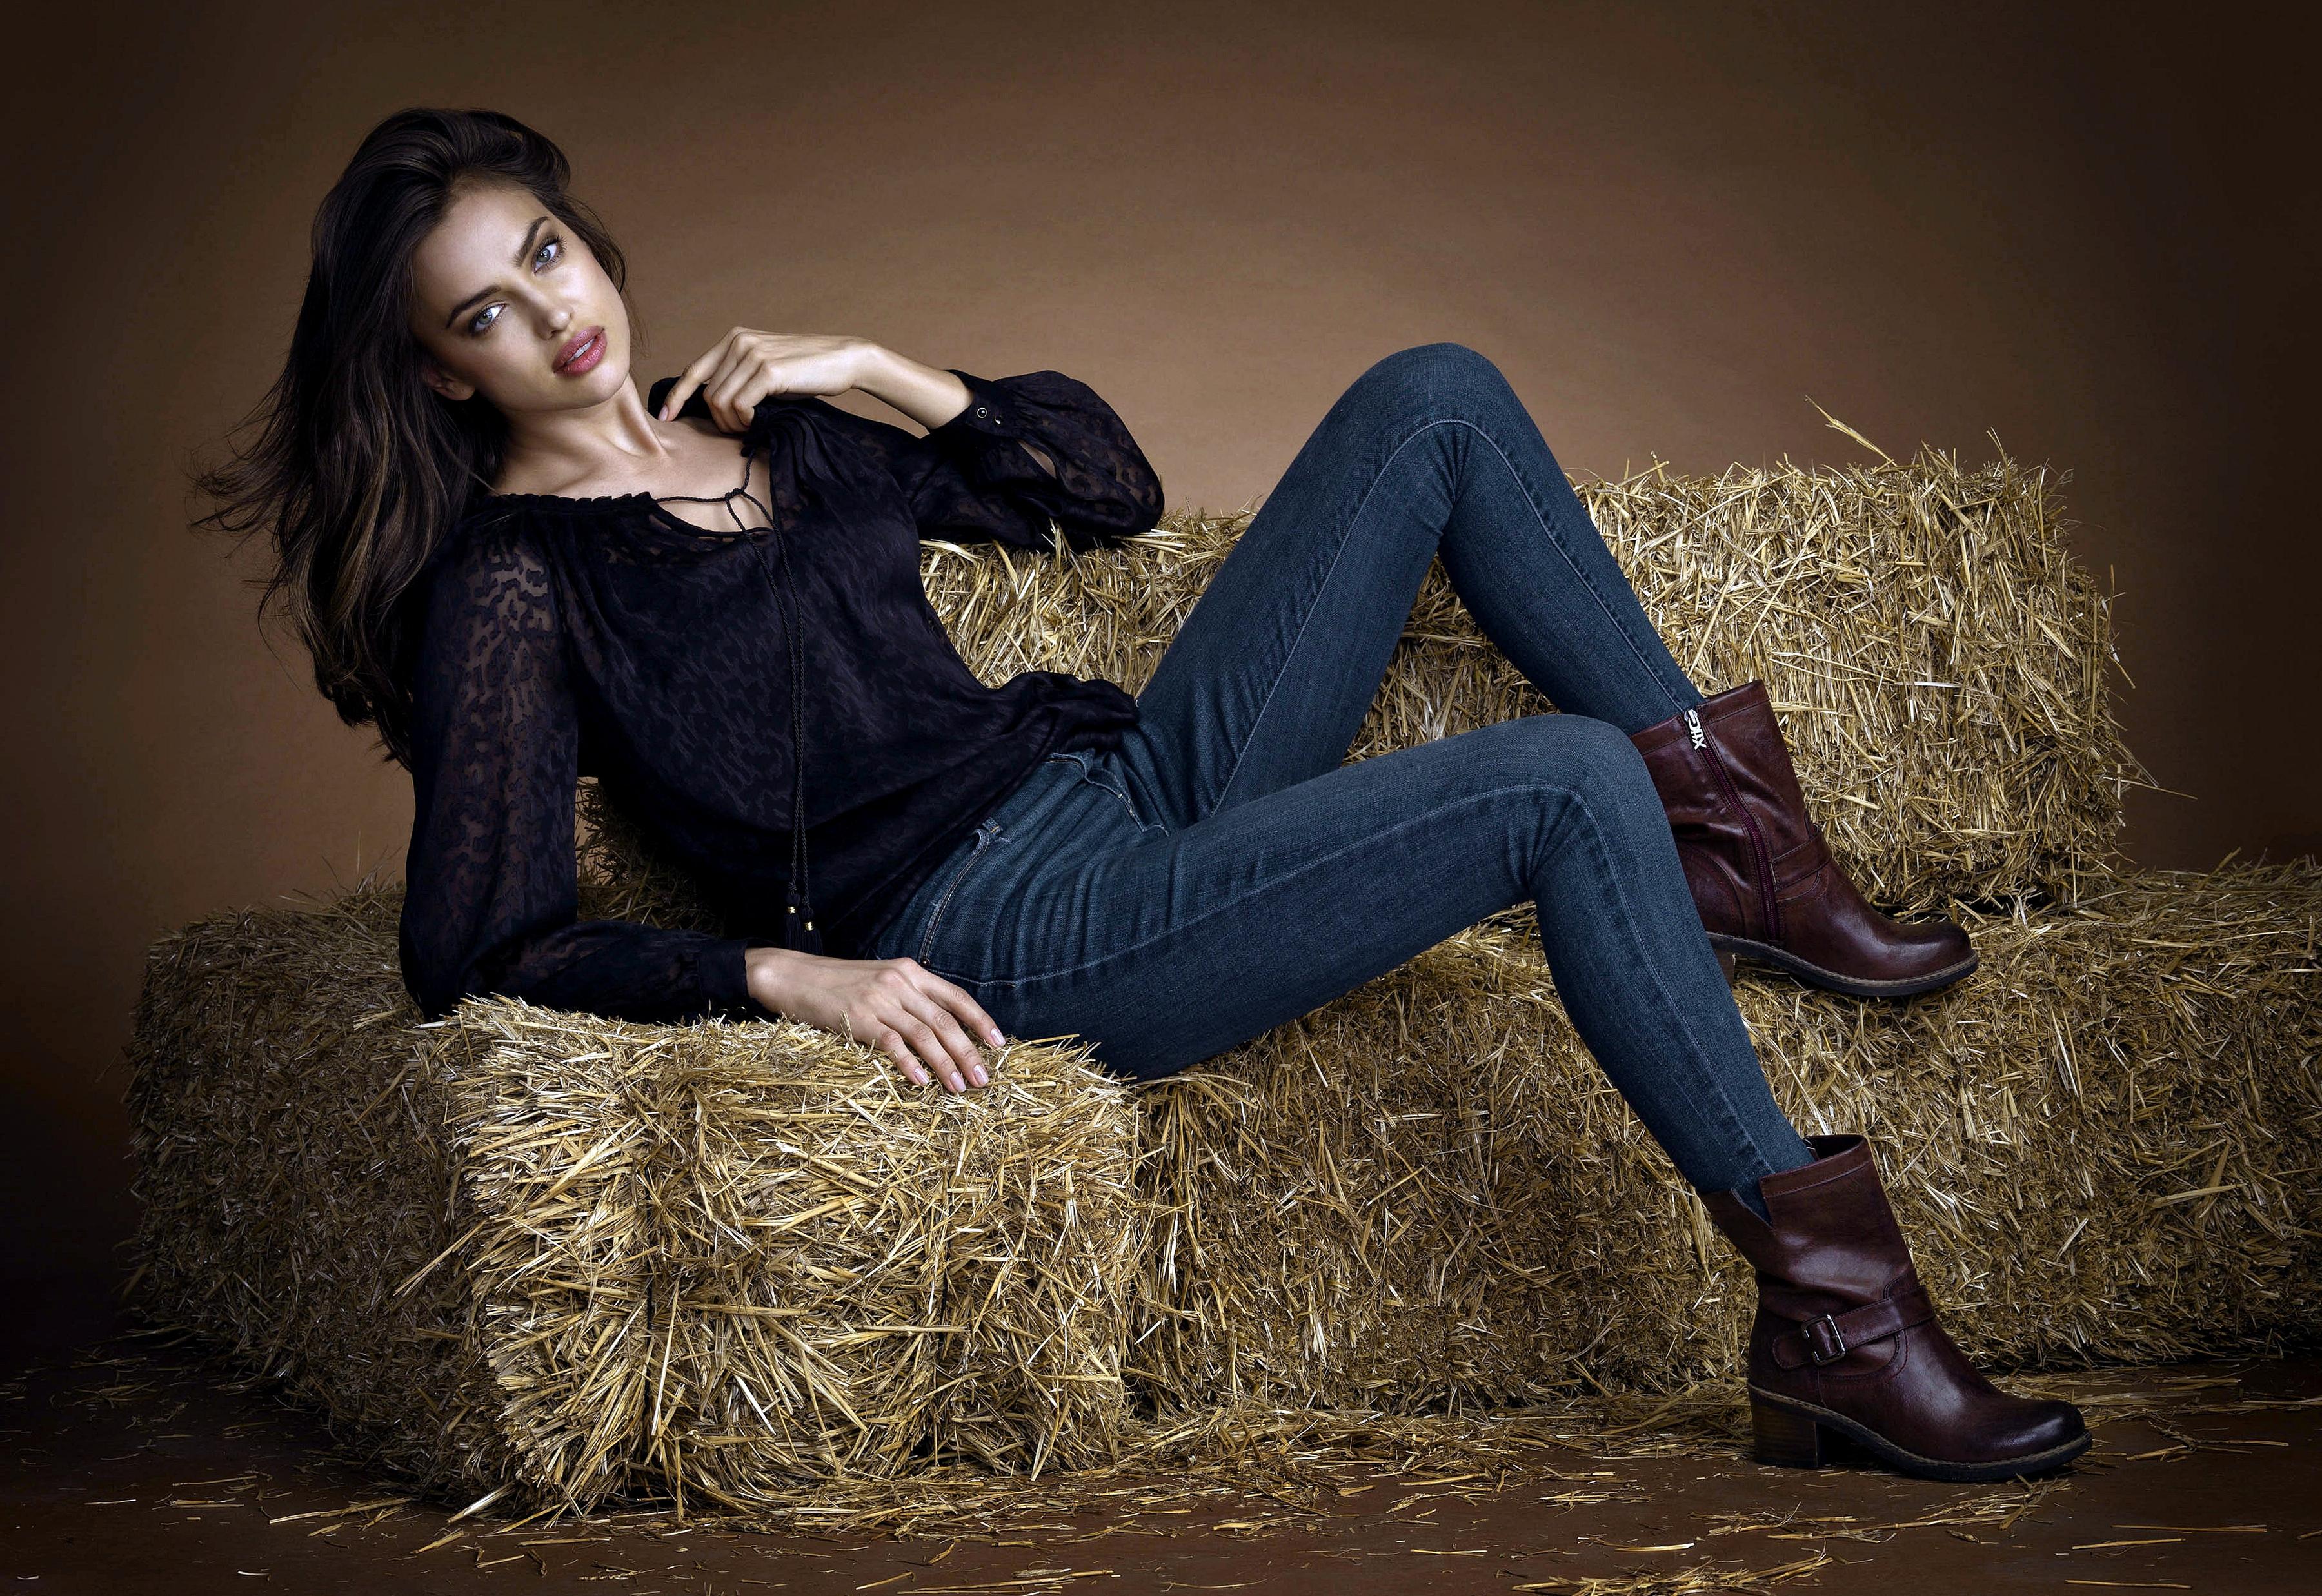 wallpaper : irina shayk, model, girl, brunette, photoshoot 3600x2475